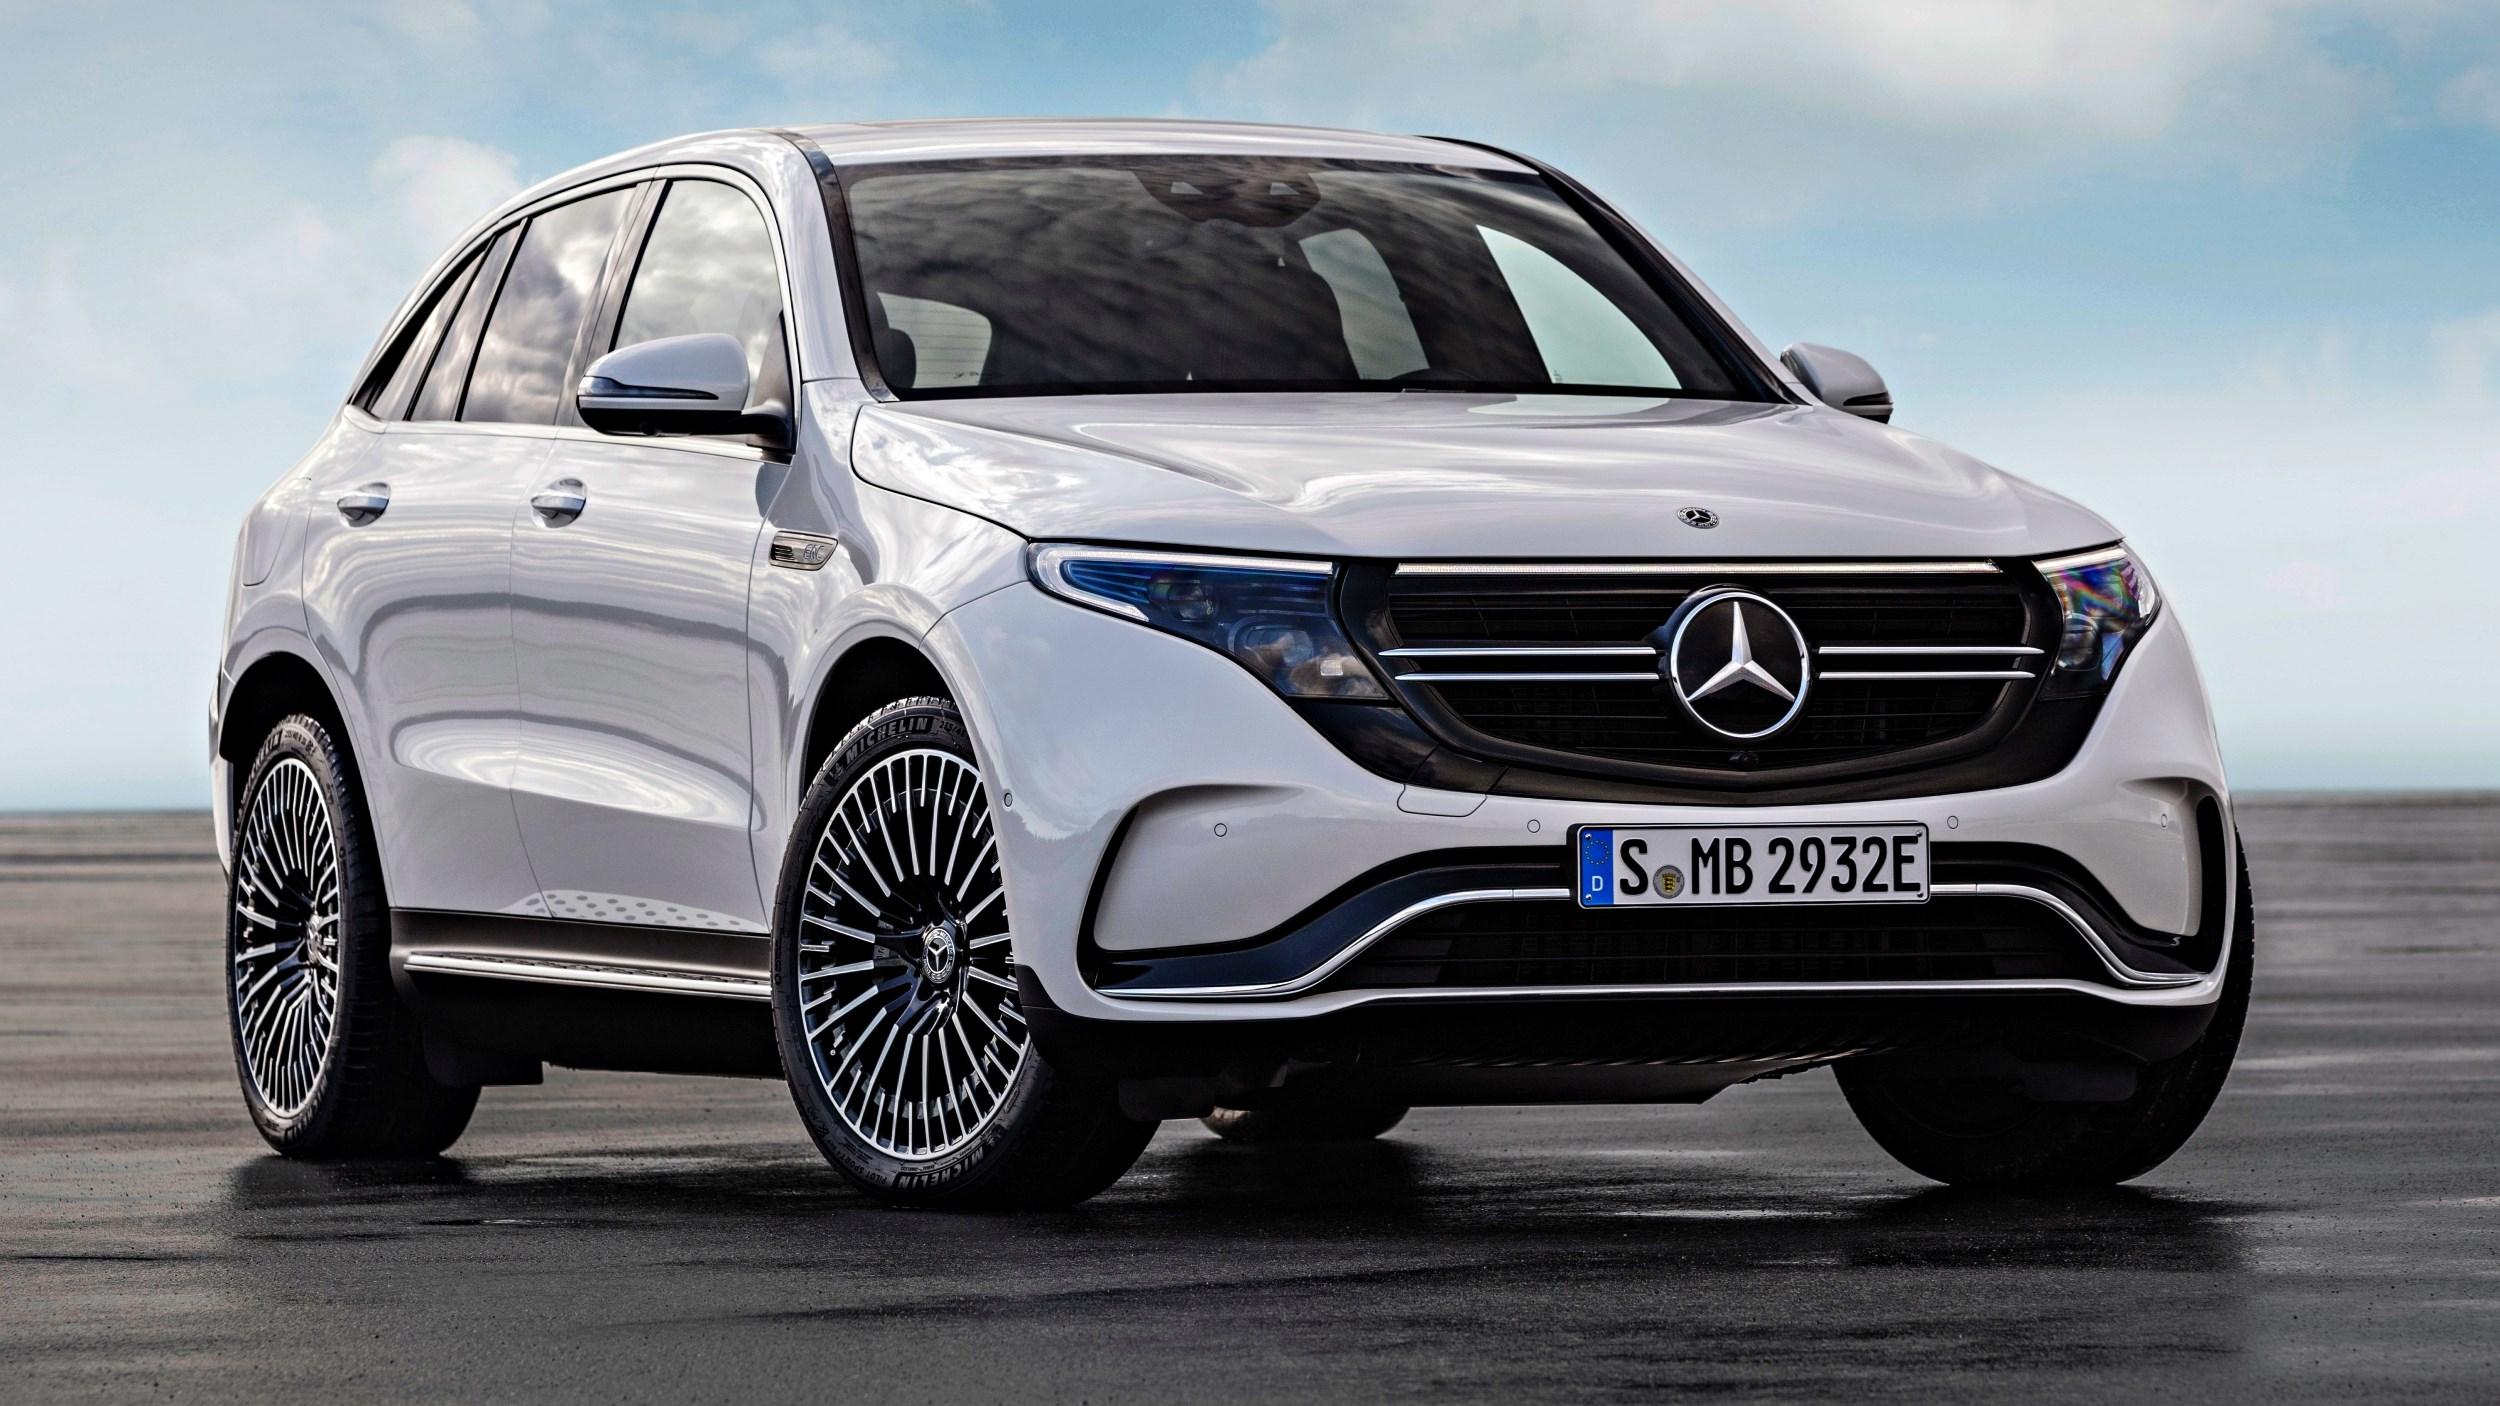 2019 Mercedes-Benz EQC Arrives – 300kW, 450km Range Thumbnail